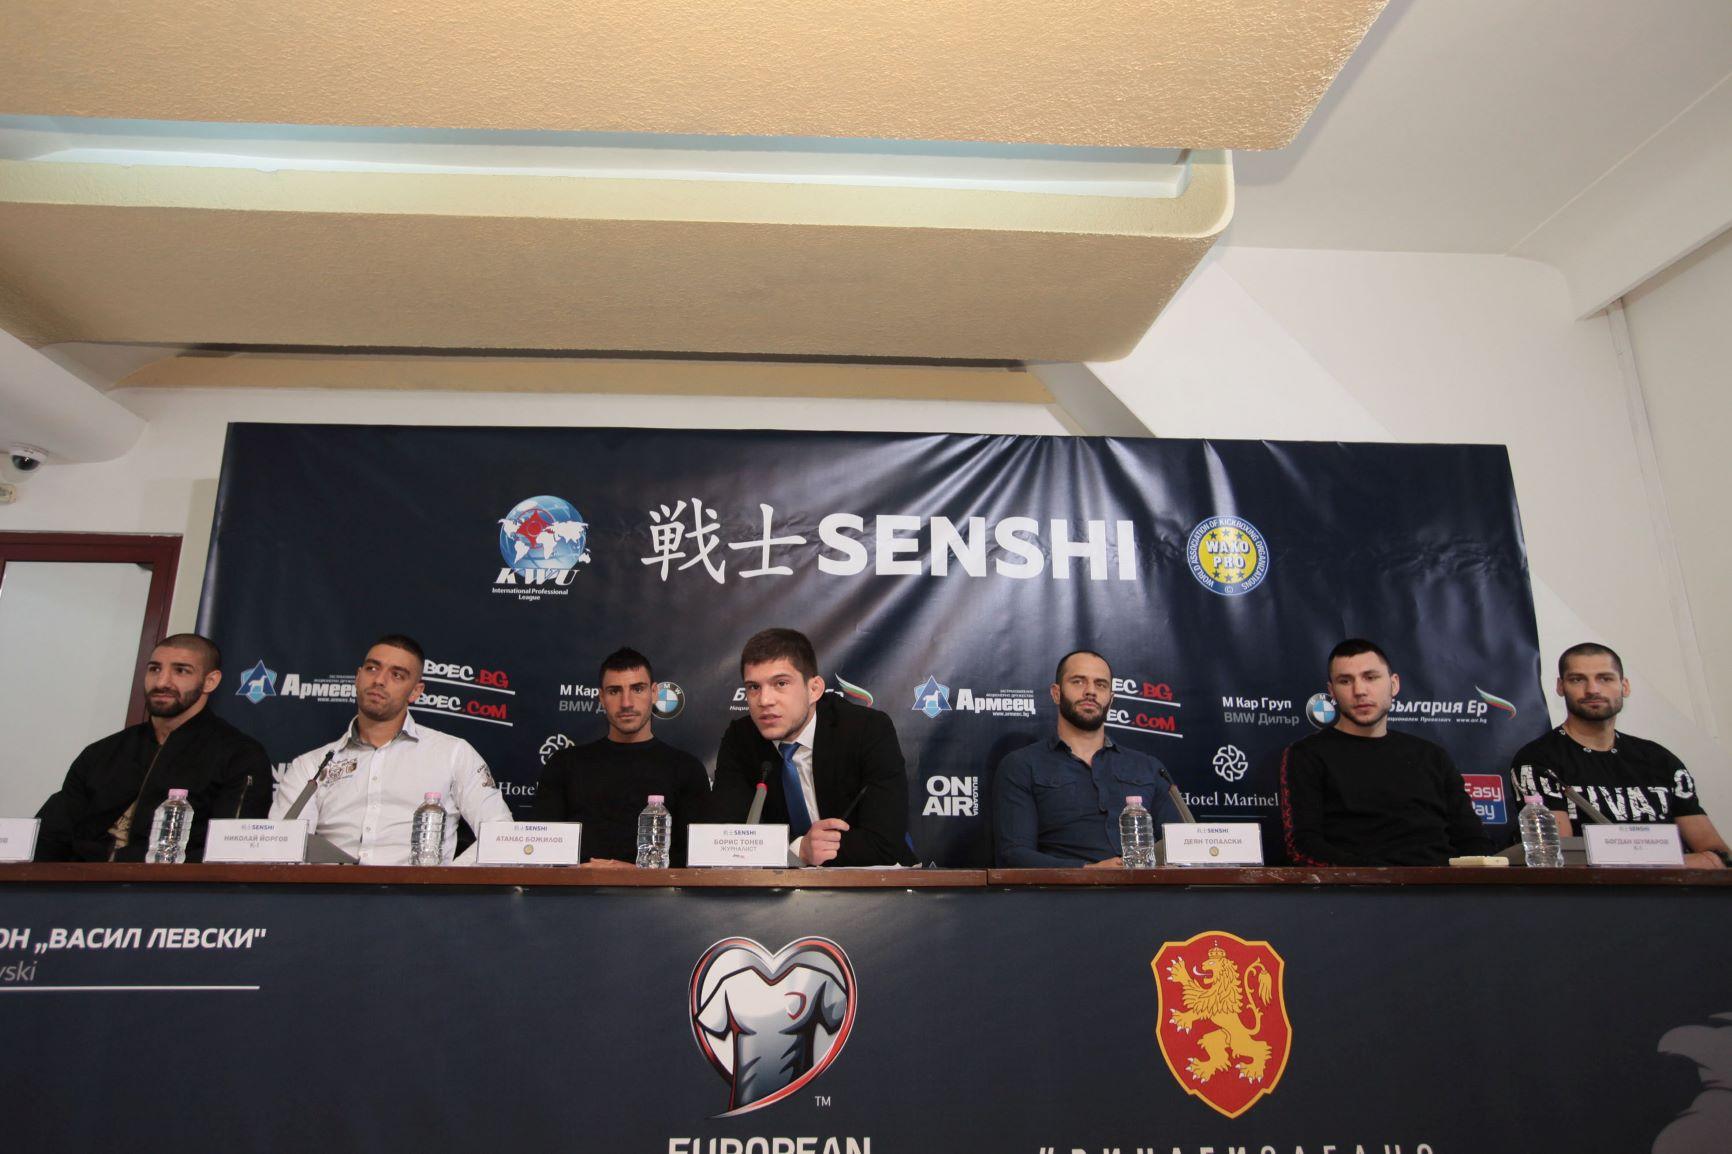 Българските бойци в топ форма преди второто издание на SENSHI (ВИДЕО)